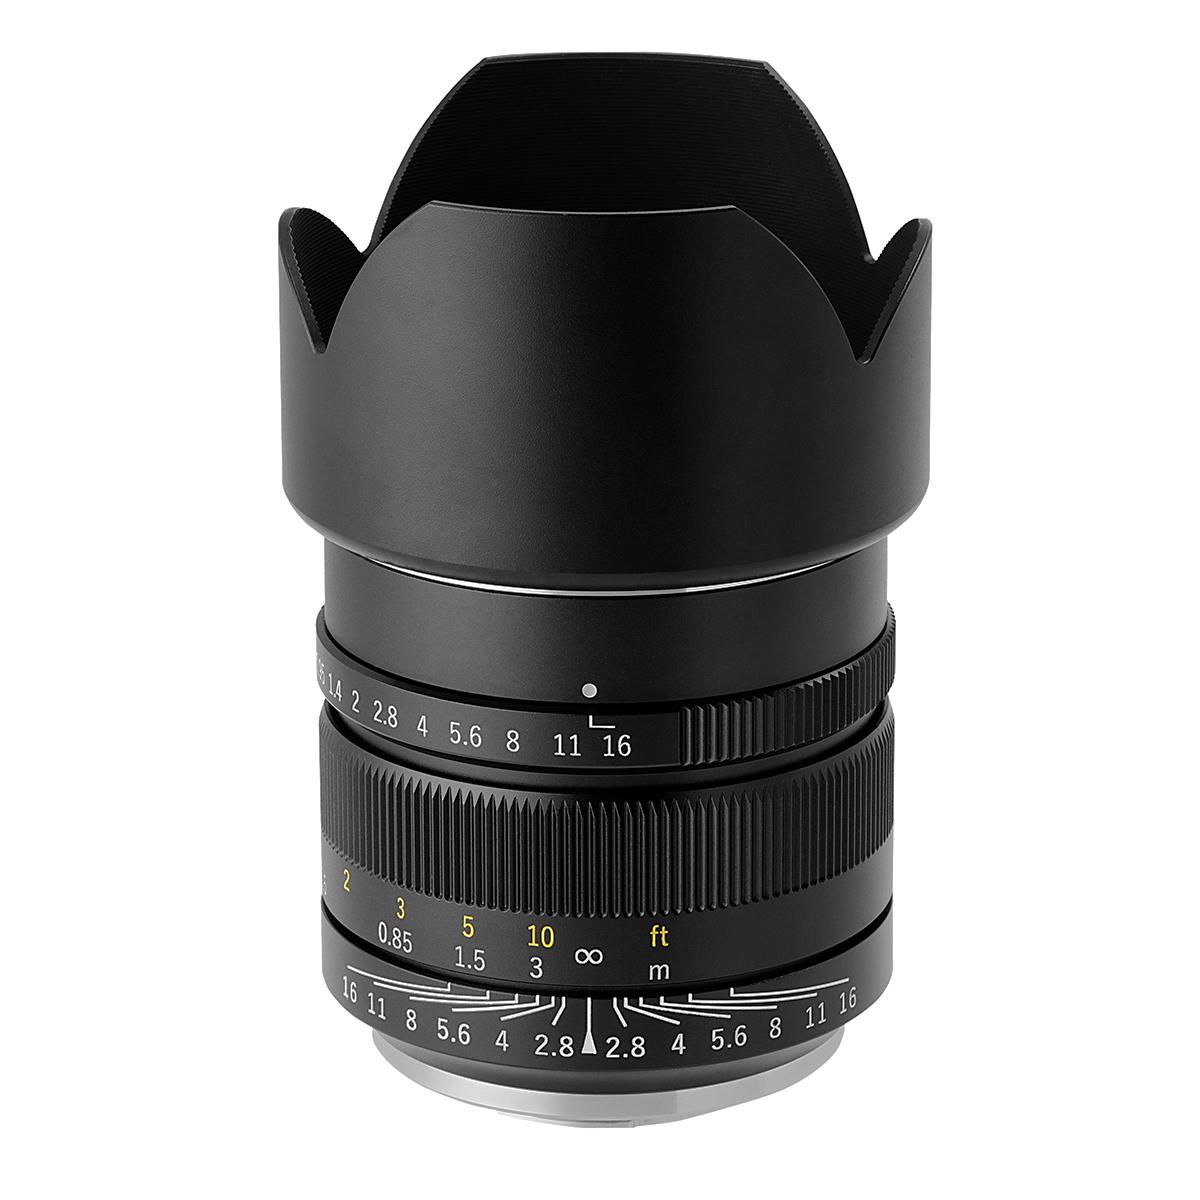 中一光学 SPEEDMASTER 17mm F0.95 マイクロフォーサーズマウント 単焦点レンズ ブラック